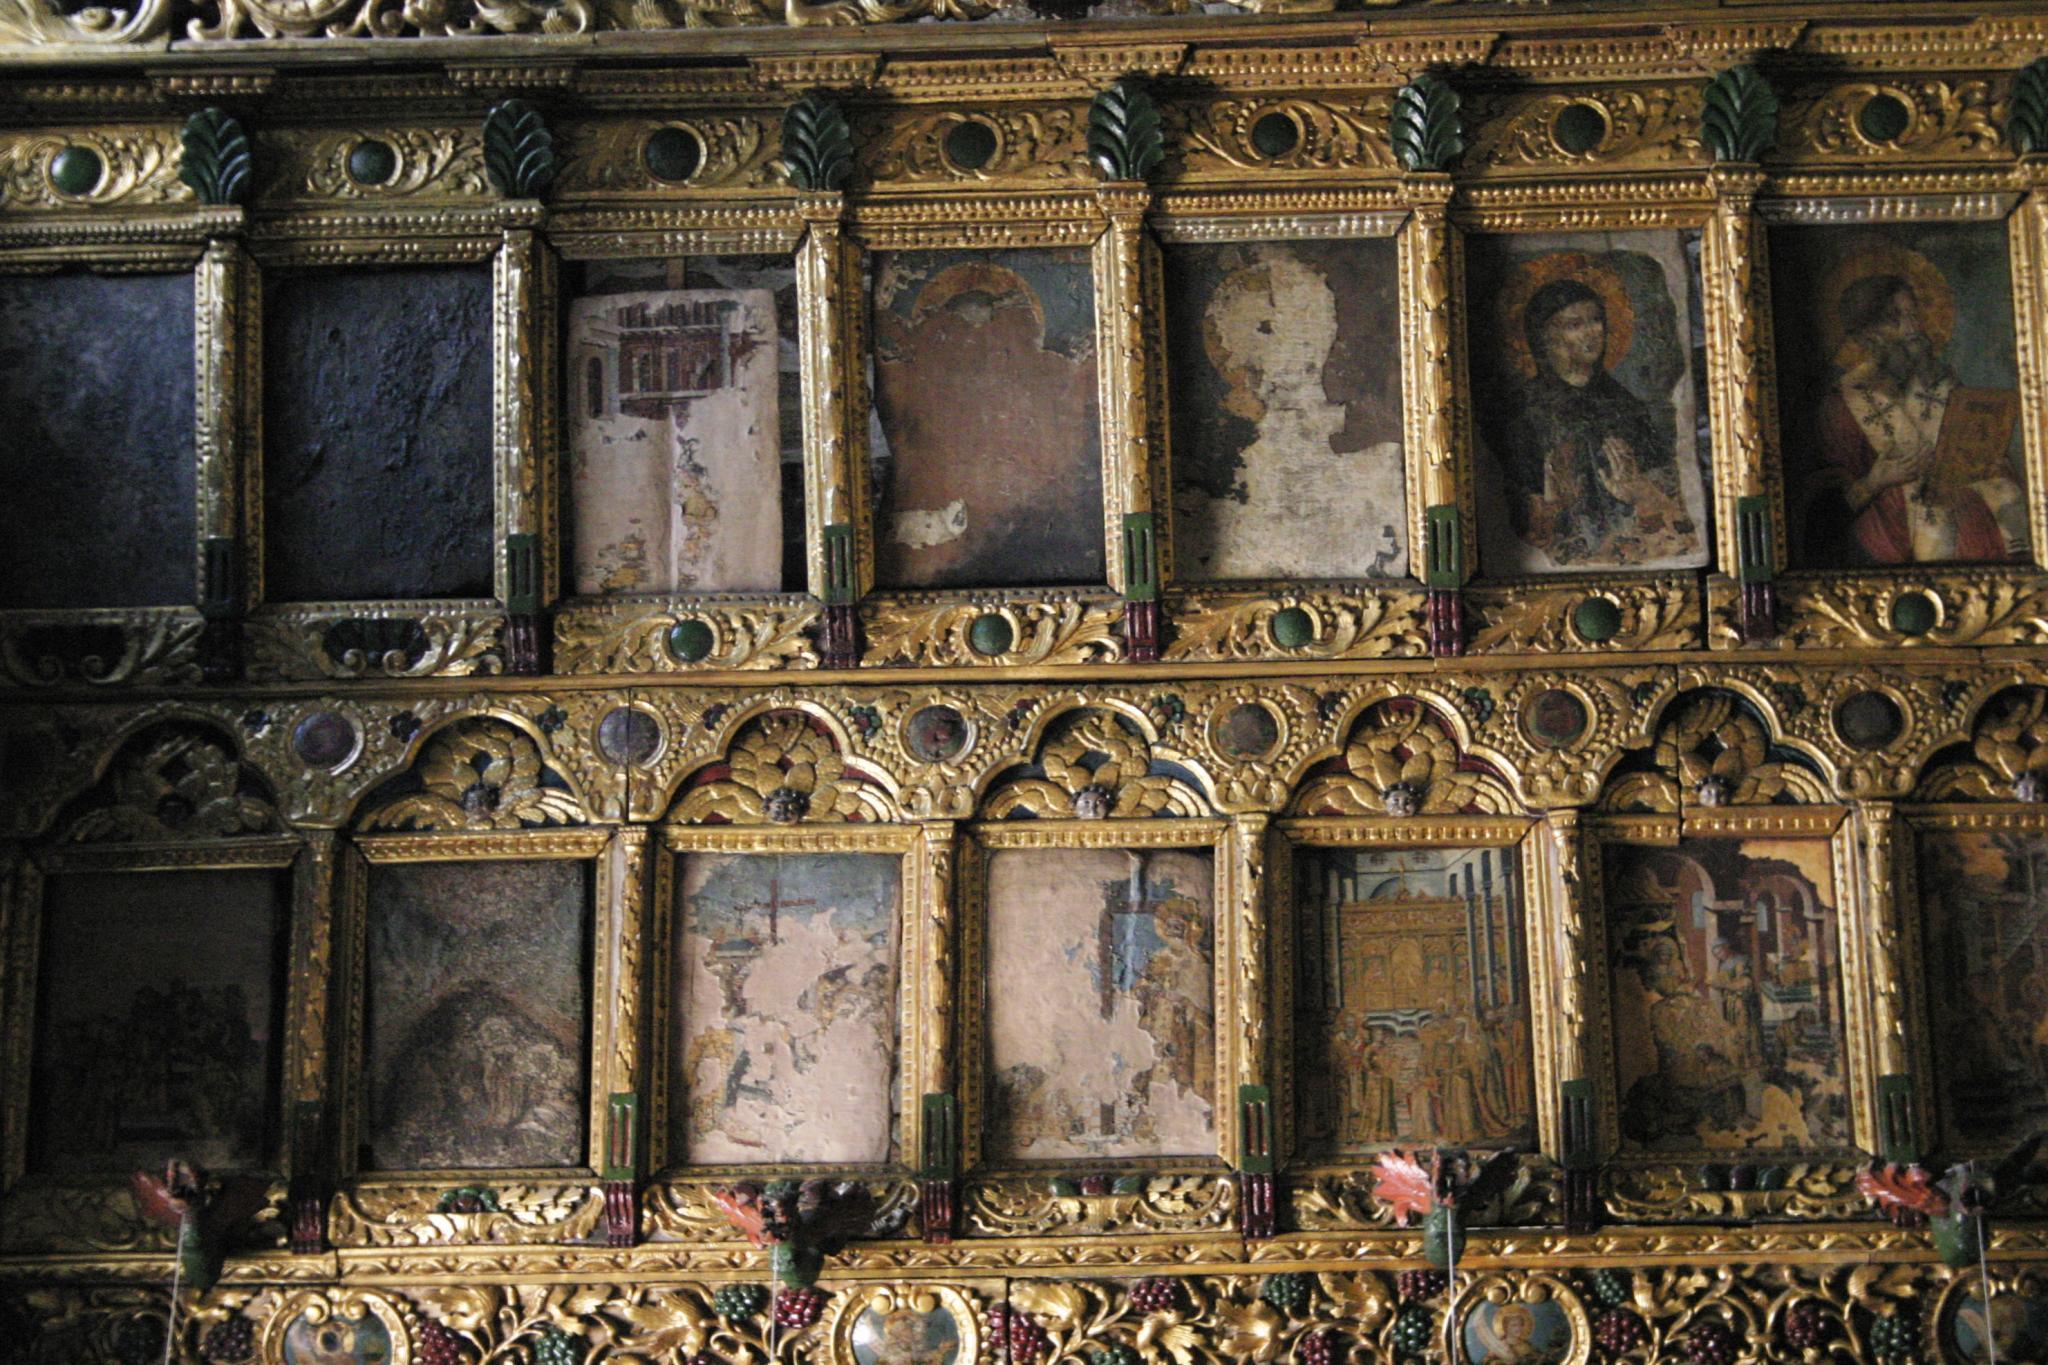 Церковь Святого Лазаря (греч. Ιερός Ναός Αγίου Λαζάρου) — православный храм IX века в городе Ларнаке, Республика Кипр